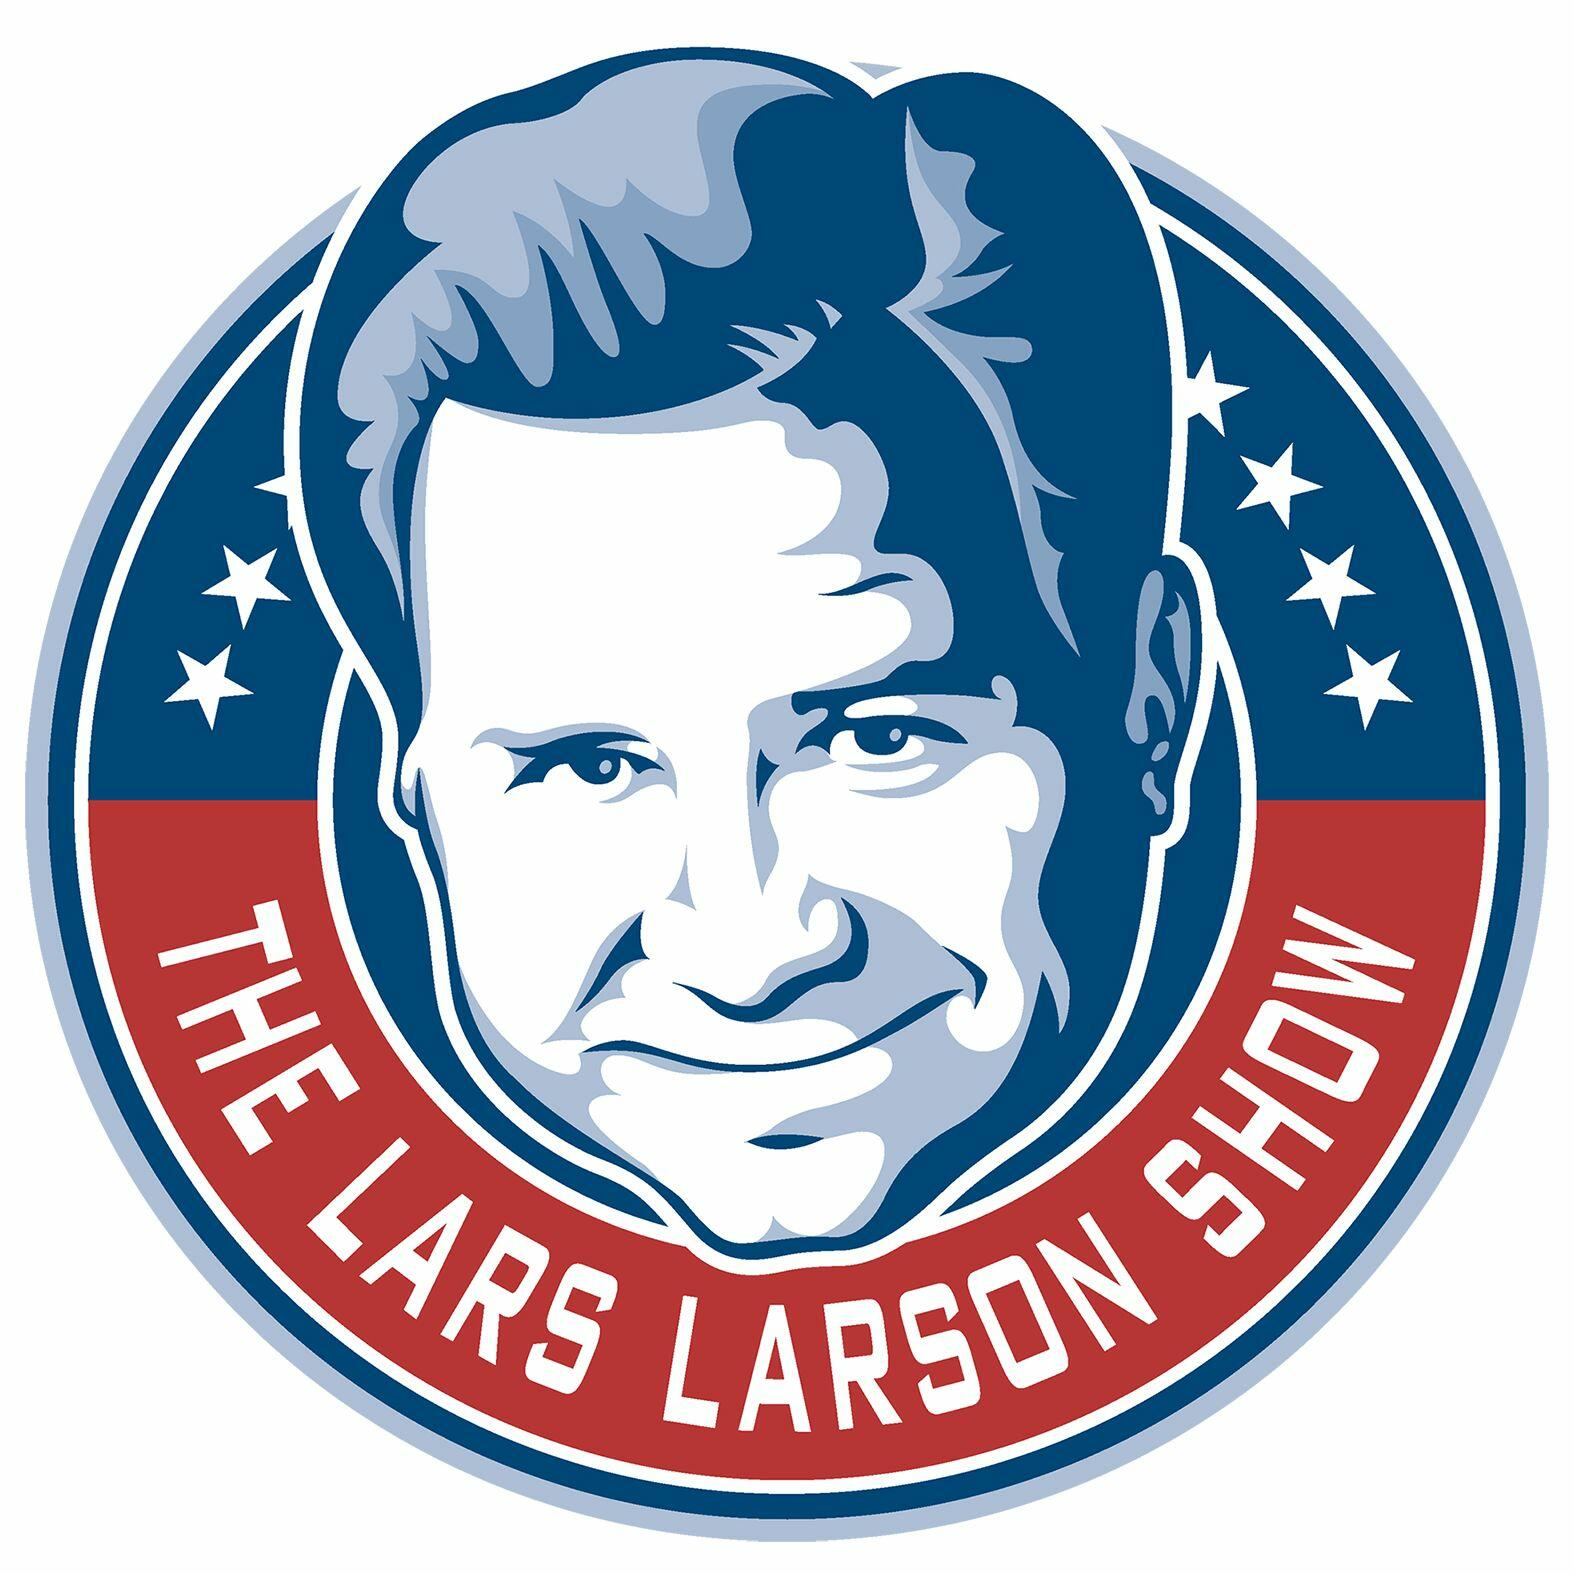 Lars Larson National Podcast